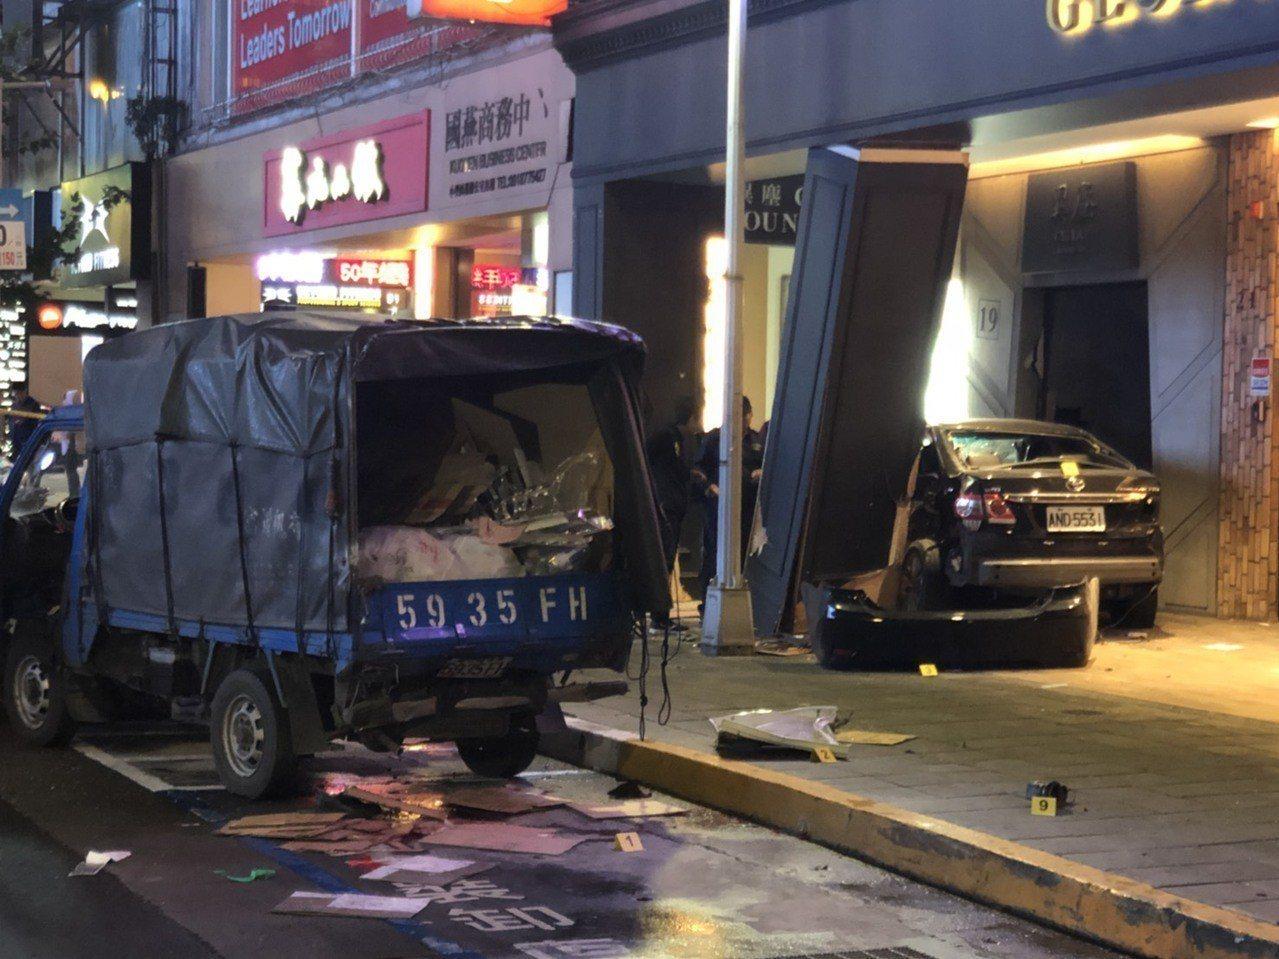 謝姓男子駕駛黑色轎車先撞上藍色資源回收車(左)再撞入騎樓,造成三死。記者李承穎/...